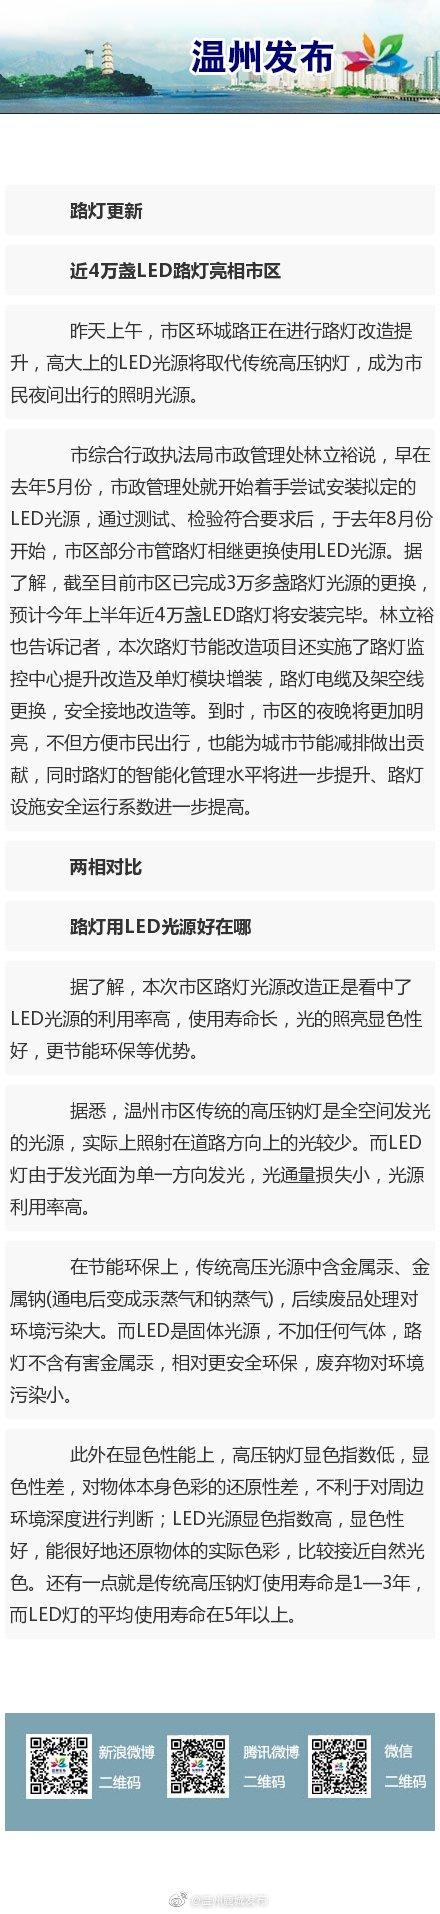 更节能环保 4万盏LED路灯将照亮温州